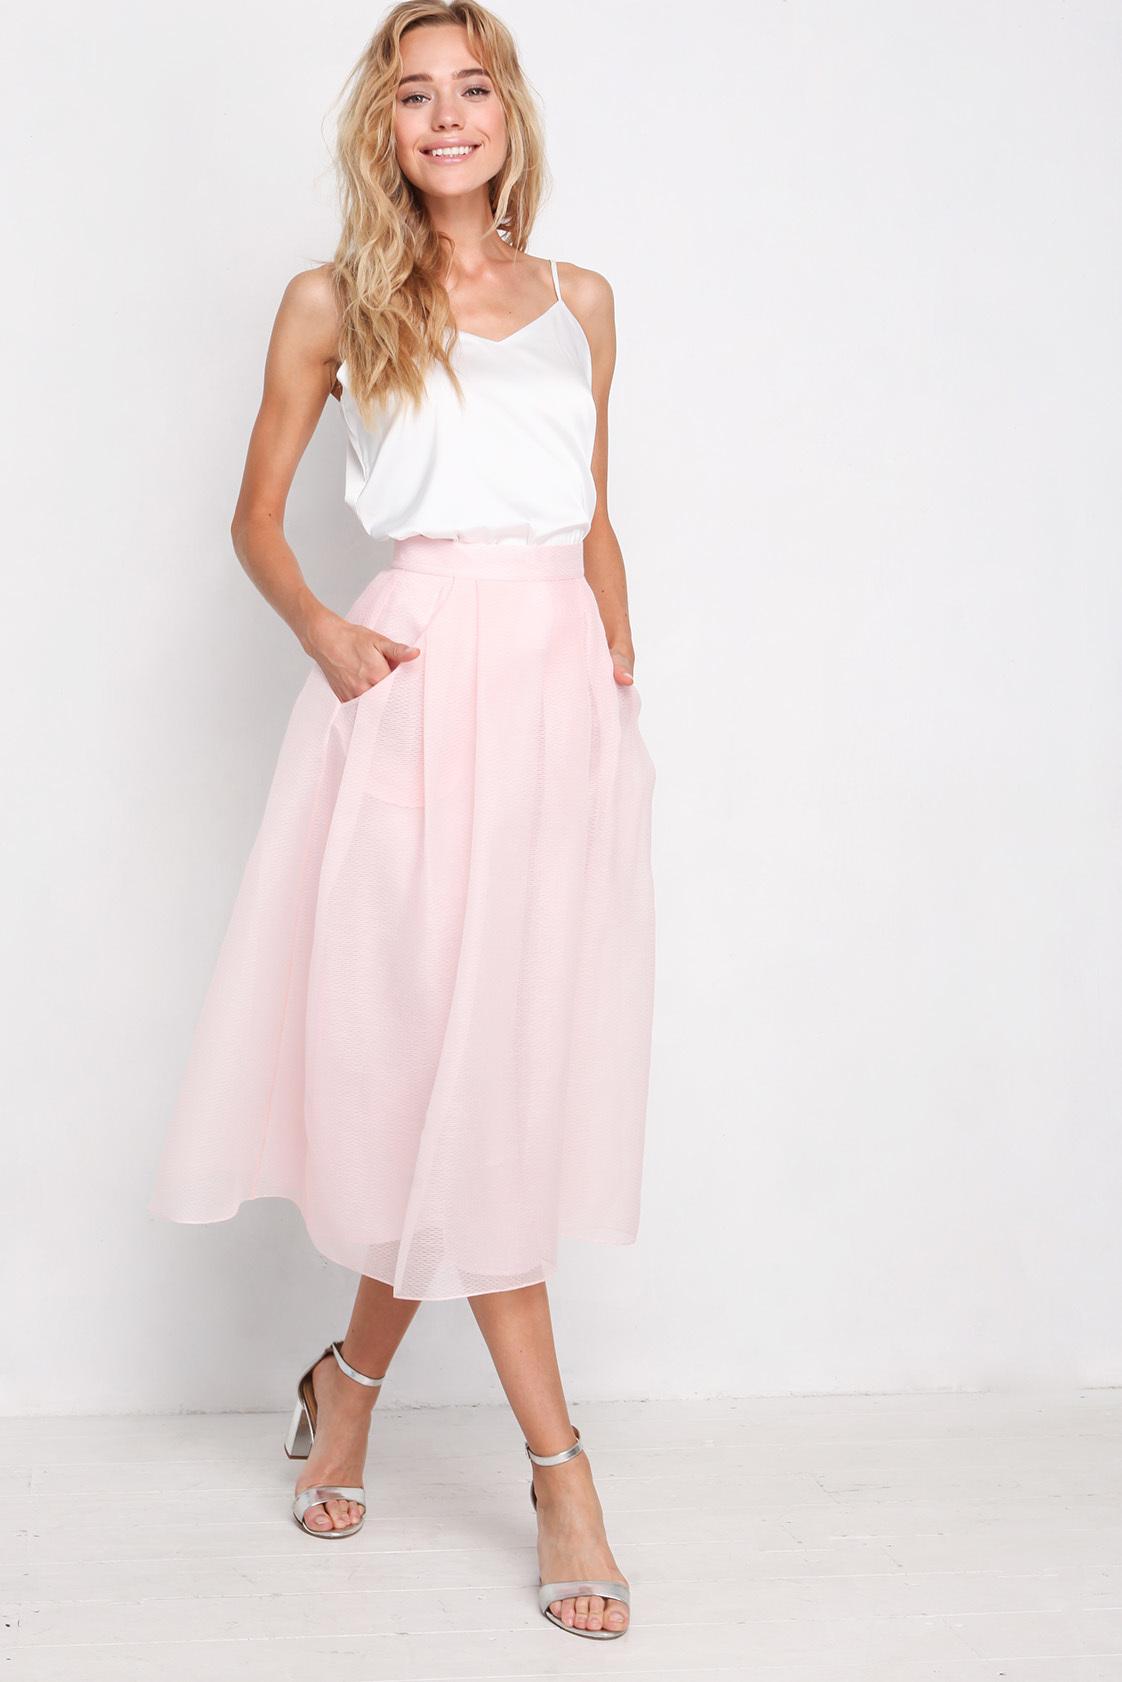 юбки весна лето 2019 года: миди бледно-розовая